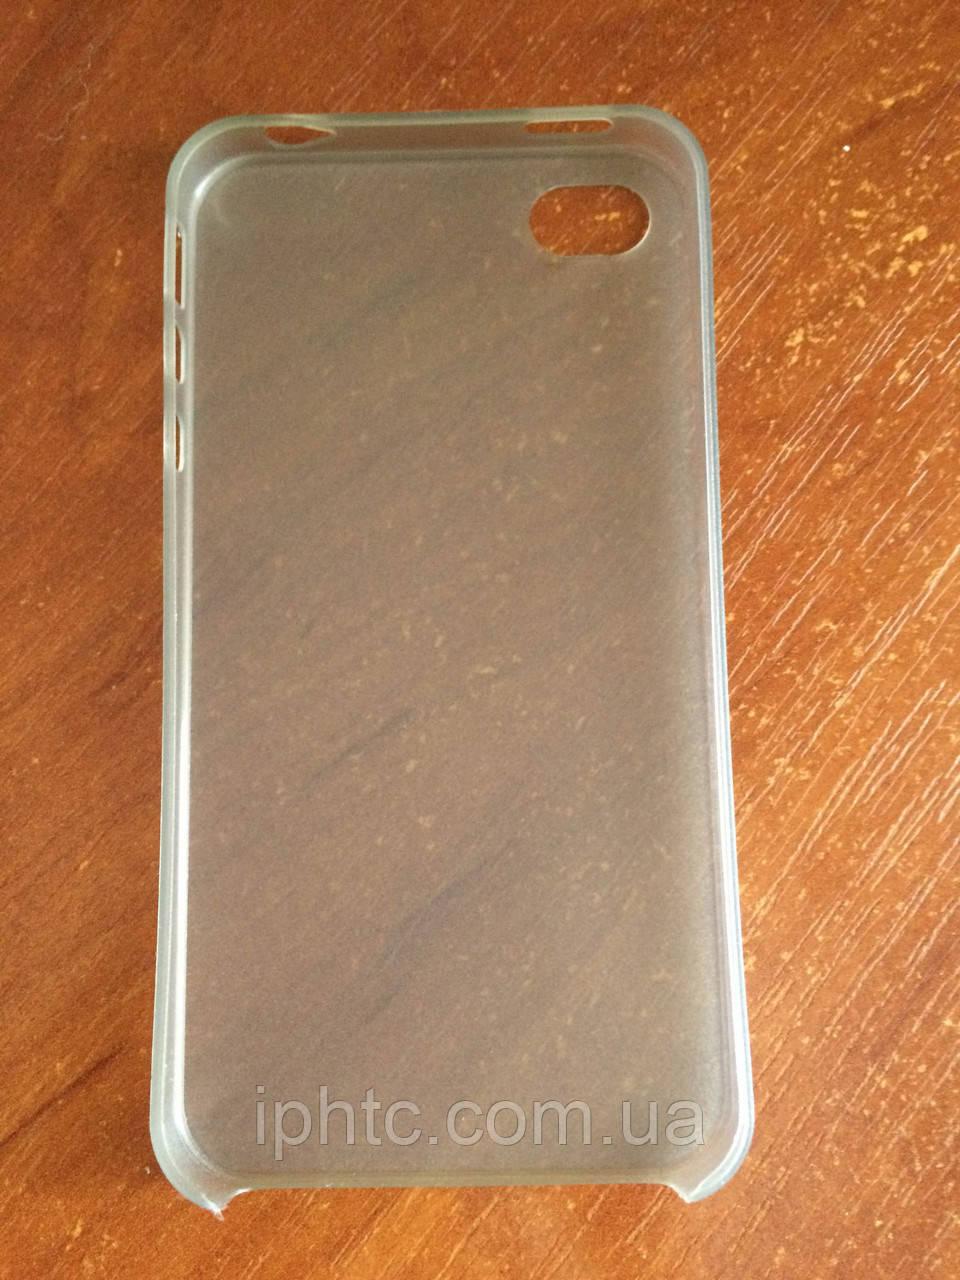 Чехол iPhone 4, 4S